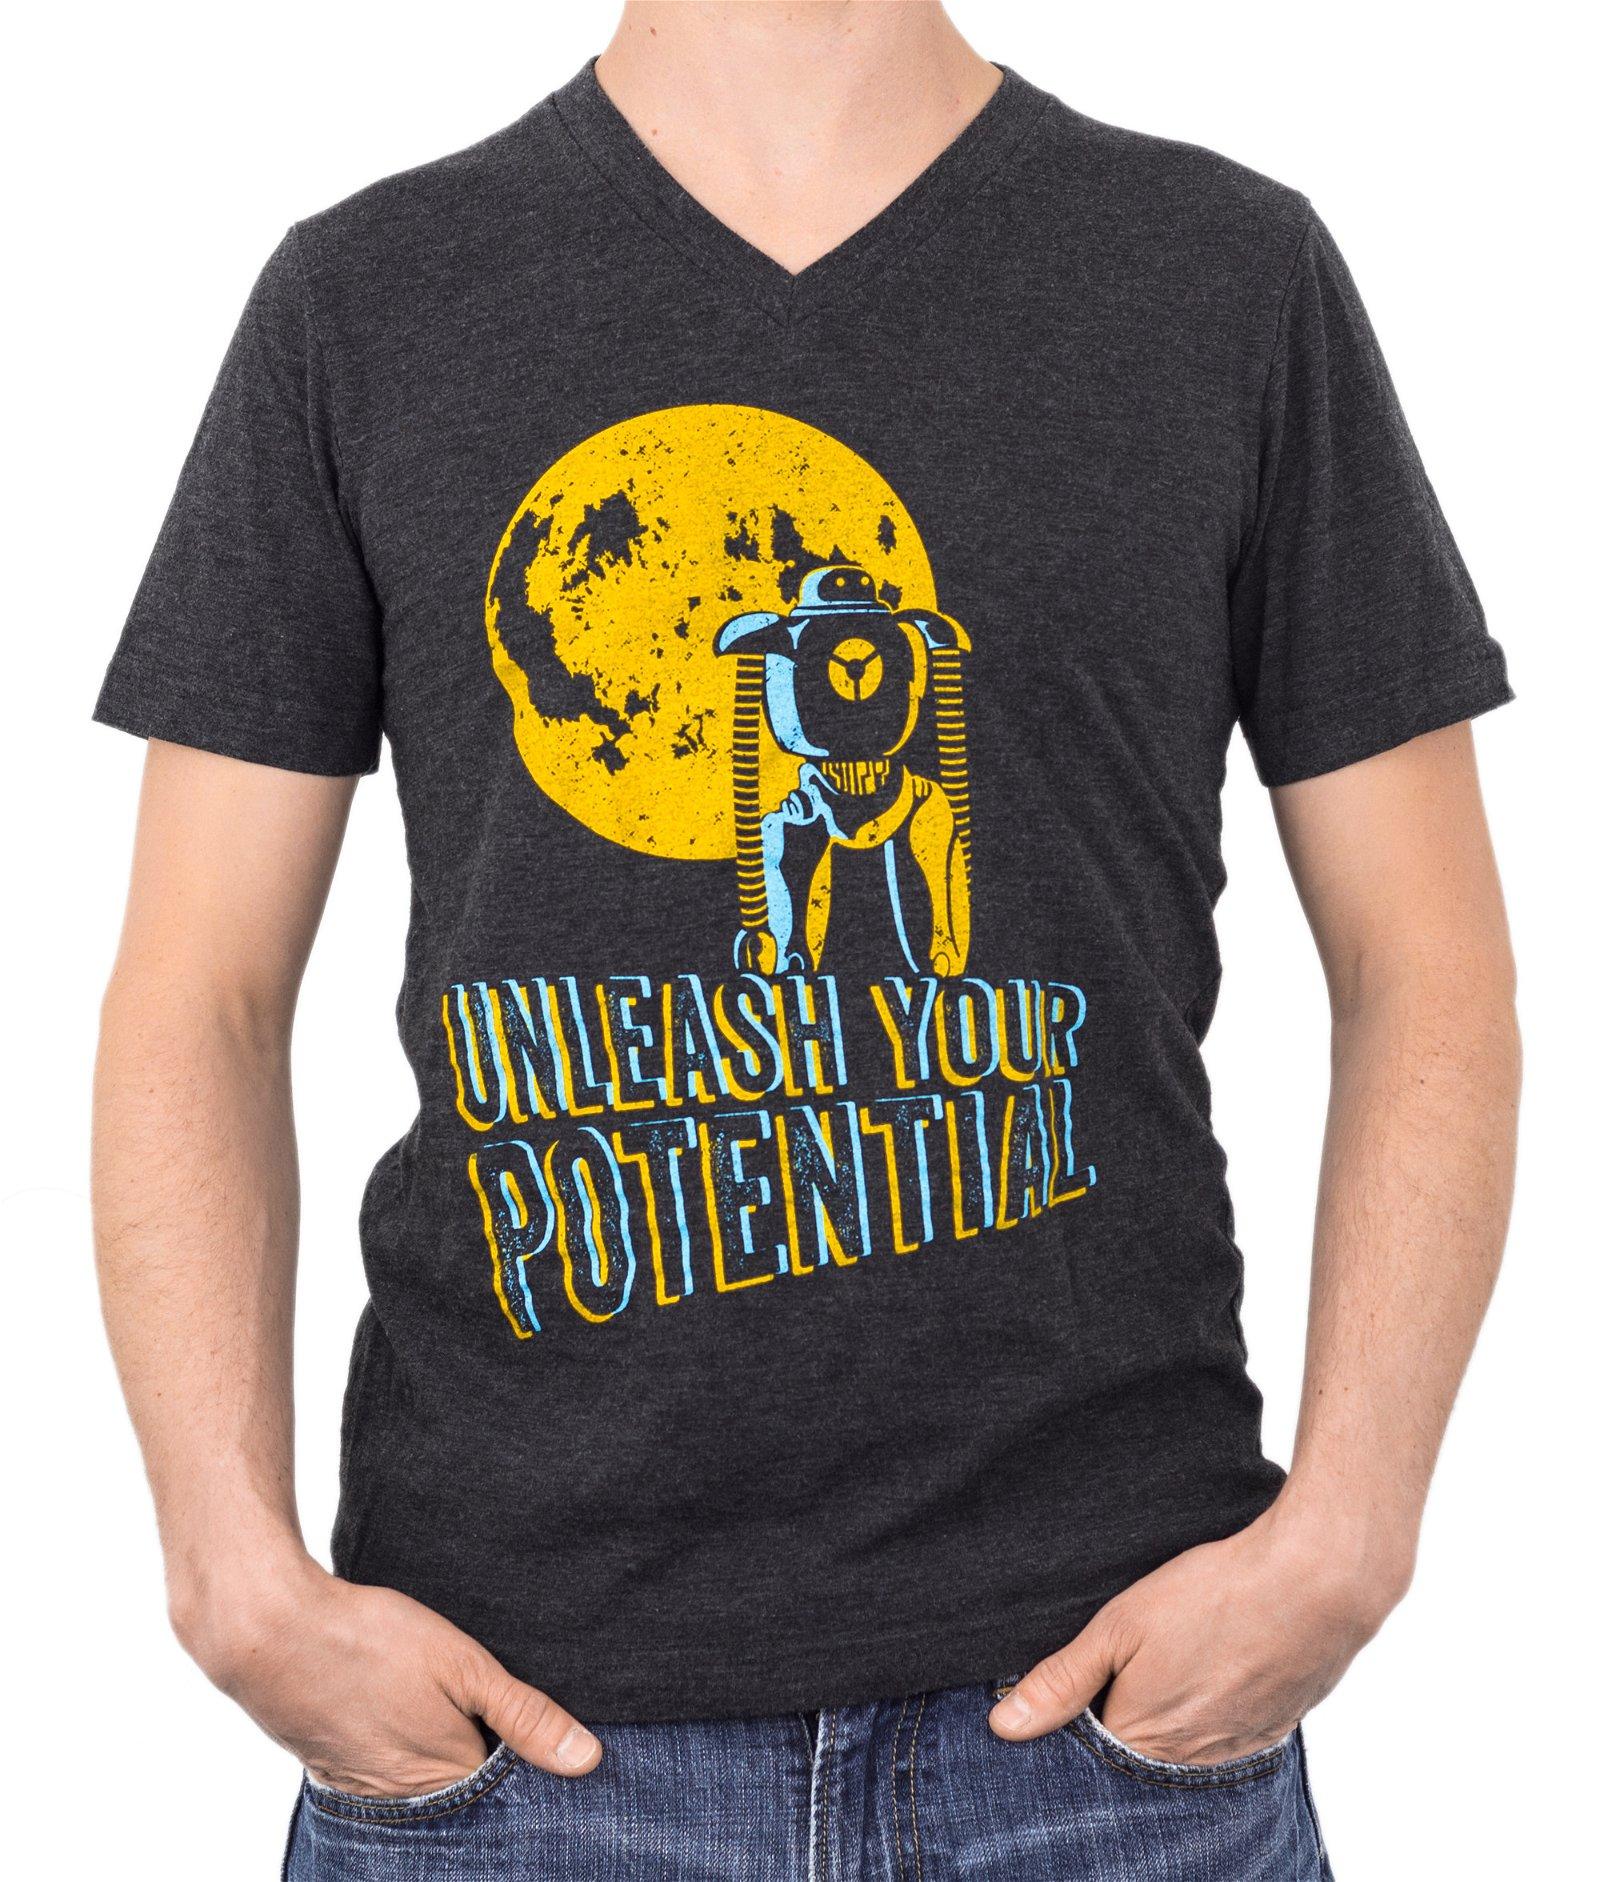 Unleash Your Potential T-Shirt - Men's